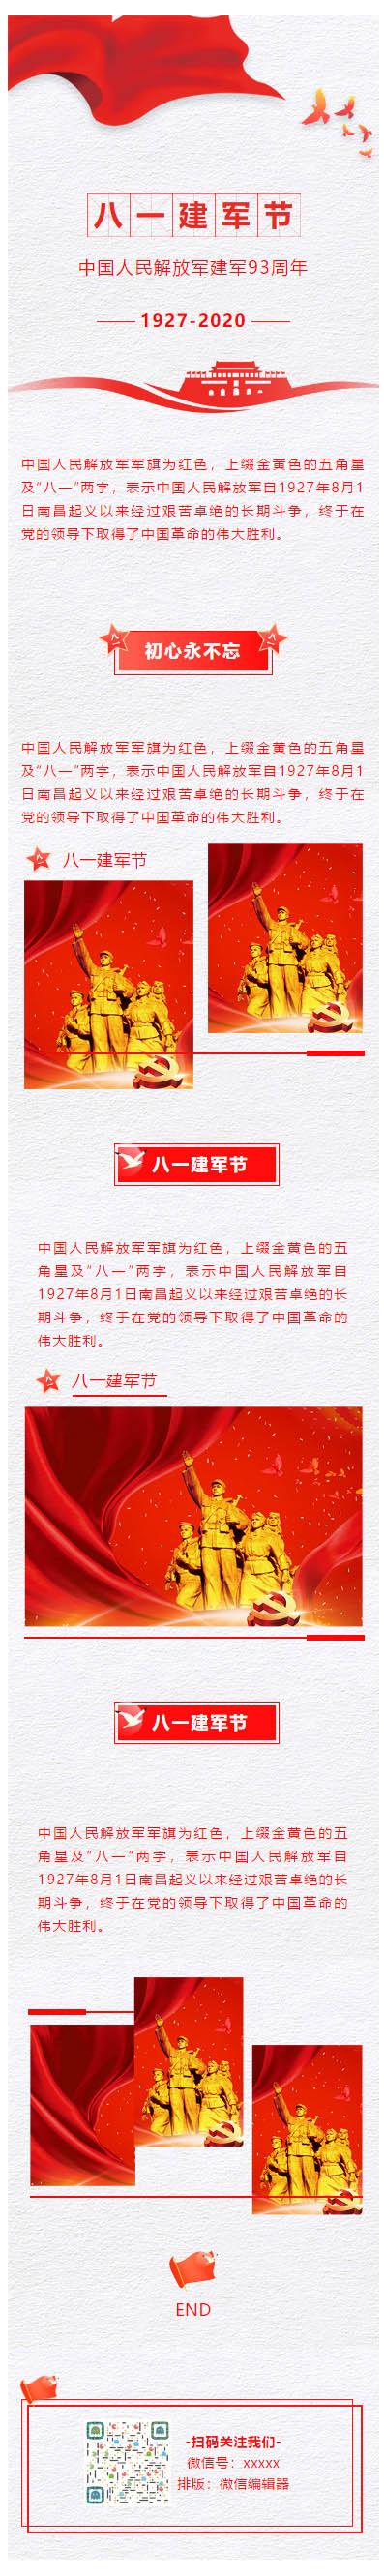 八一建军节中国人民解放军建军93周年红色学党政模板微信推文素材